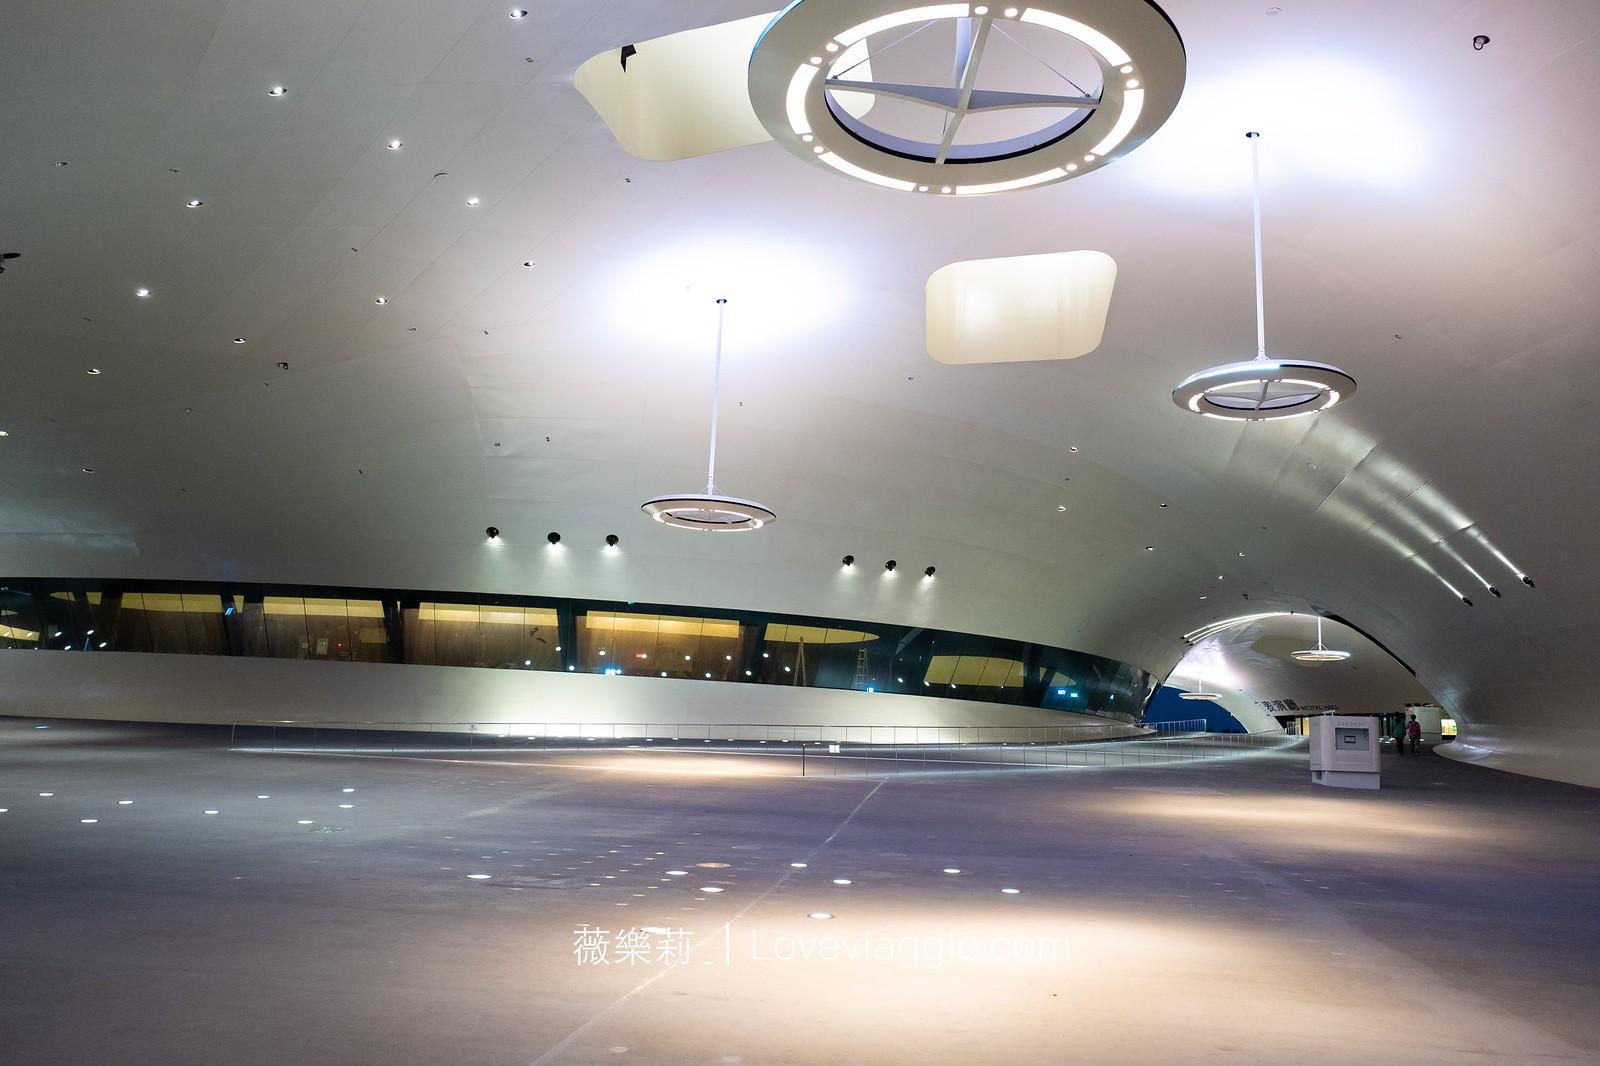 【高雄 Kaohsiung】衛武營國家藝術文化中心 世界級絕美建築設計 全台最大歌劇院 @薇樂莉 Love Viaggio | 旅行.生活.攝影